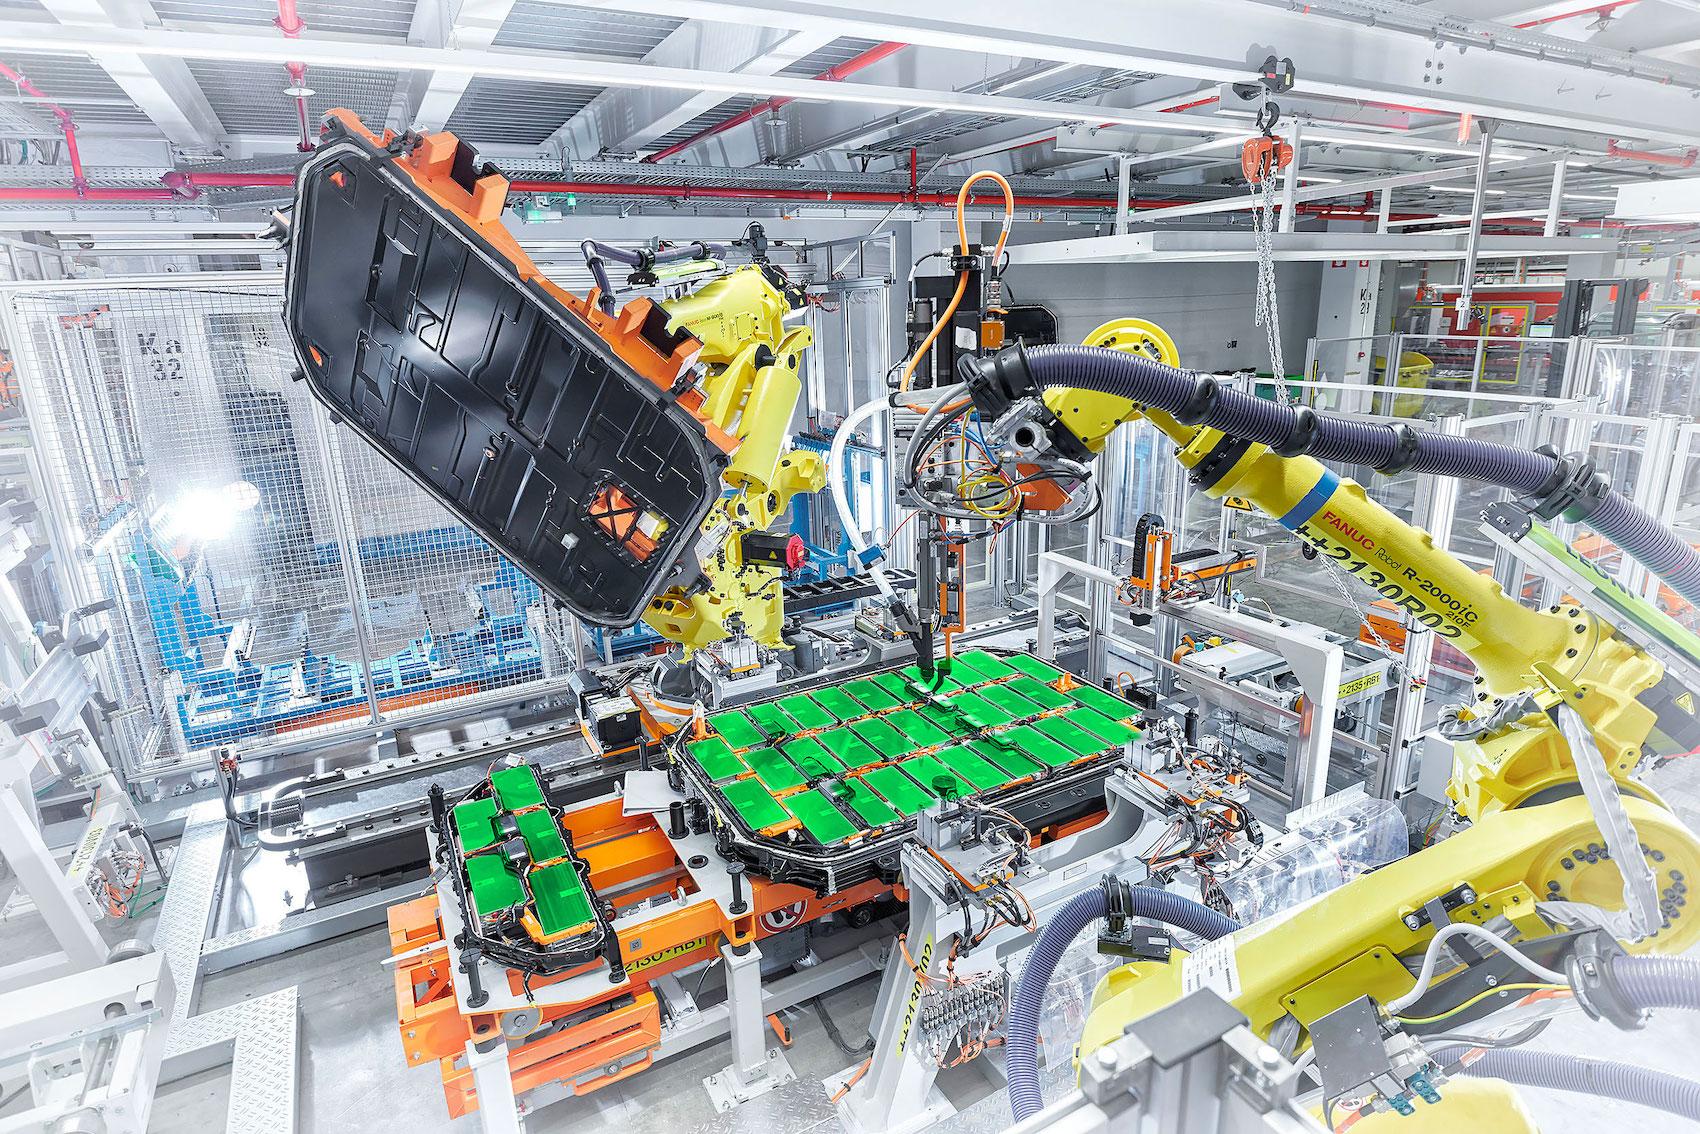 Assemblaggio delle celle di una batteria nello stabilimento AUDI di Bruxelles. (AUDI/Post-produzione: Brand Studio)